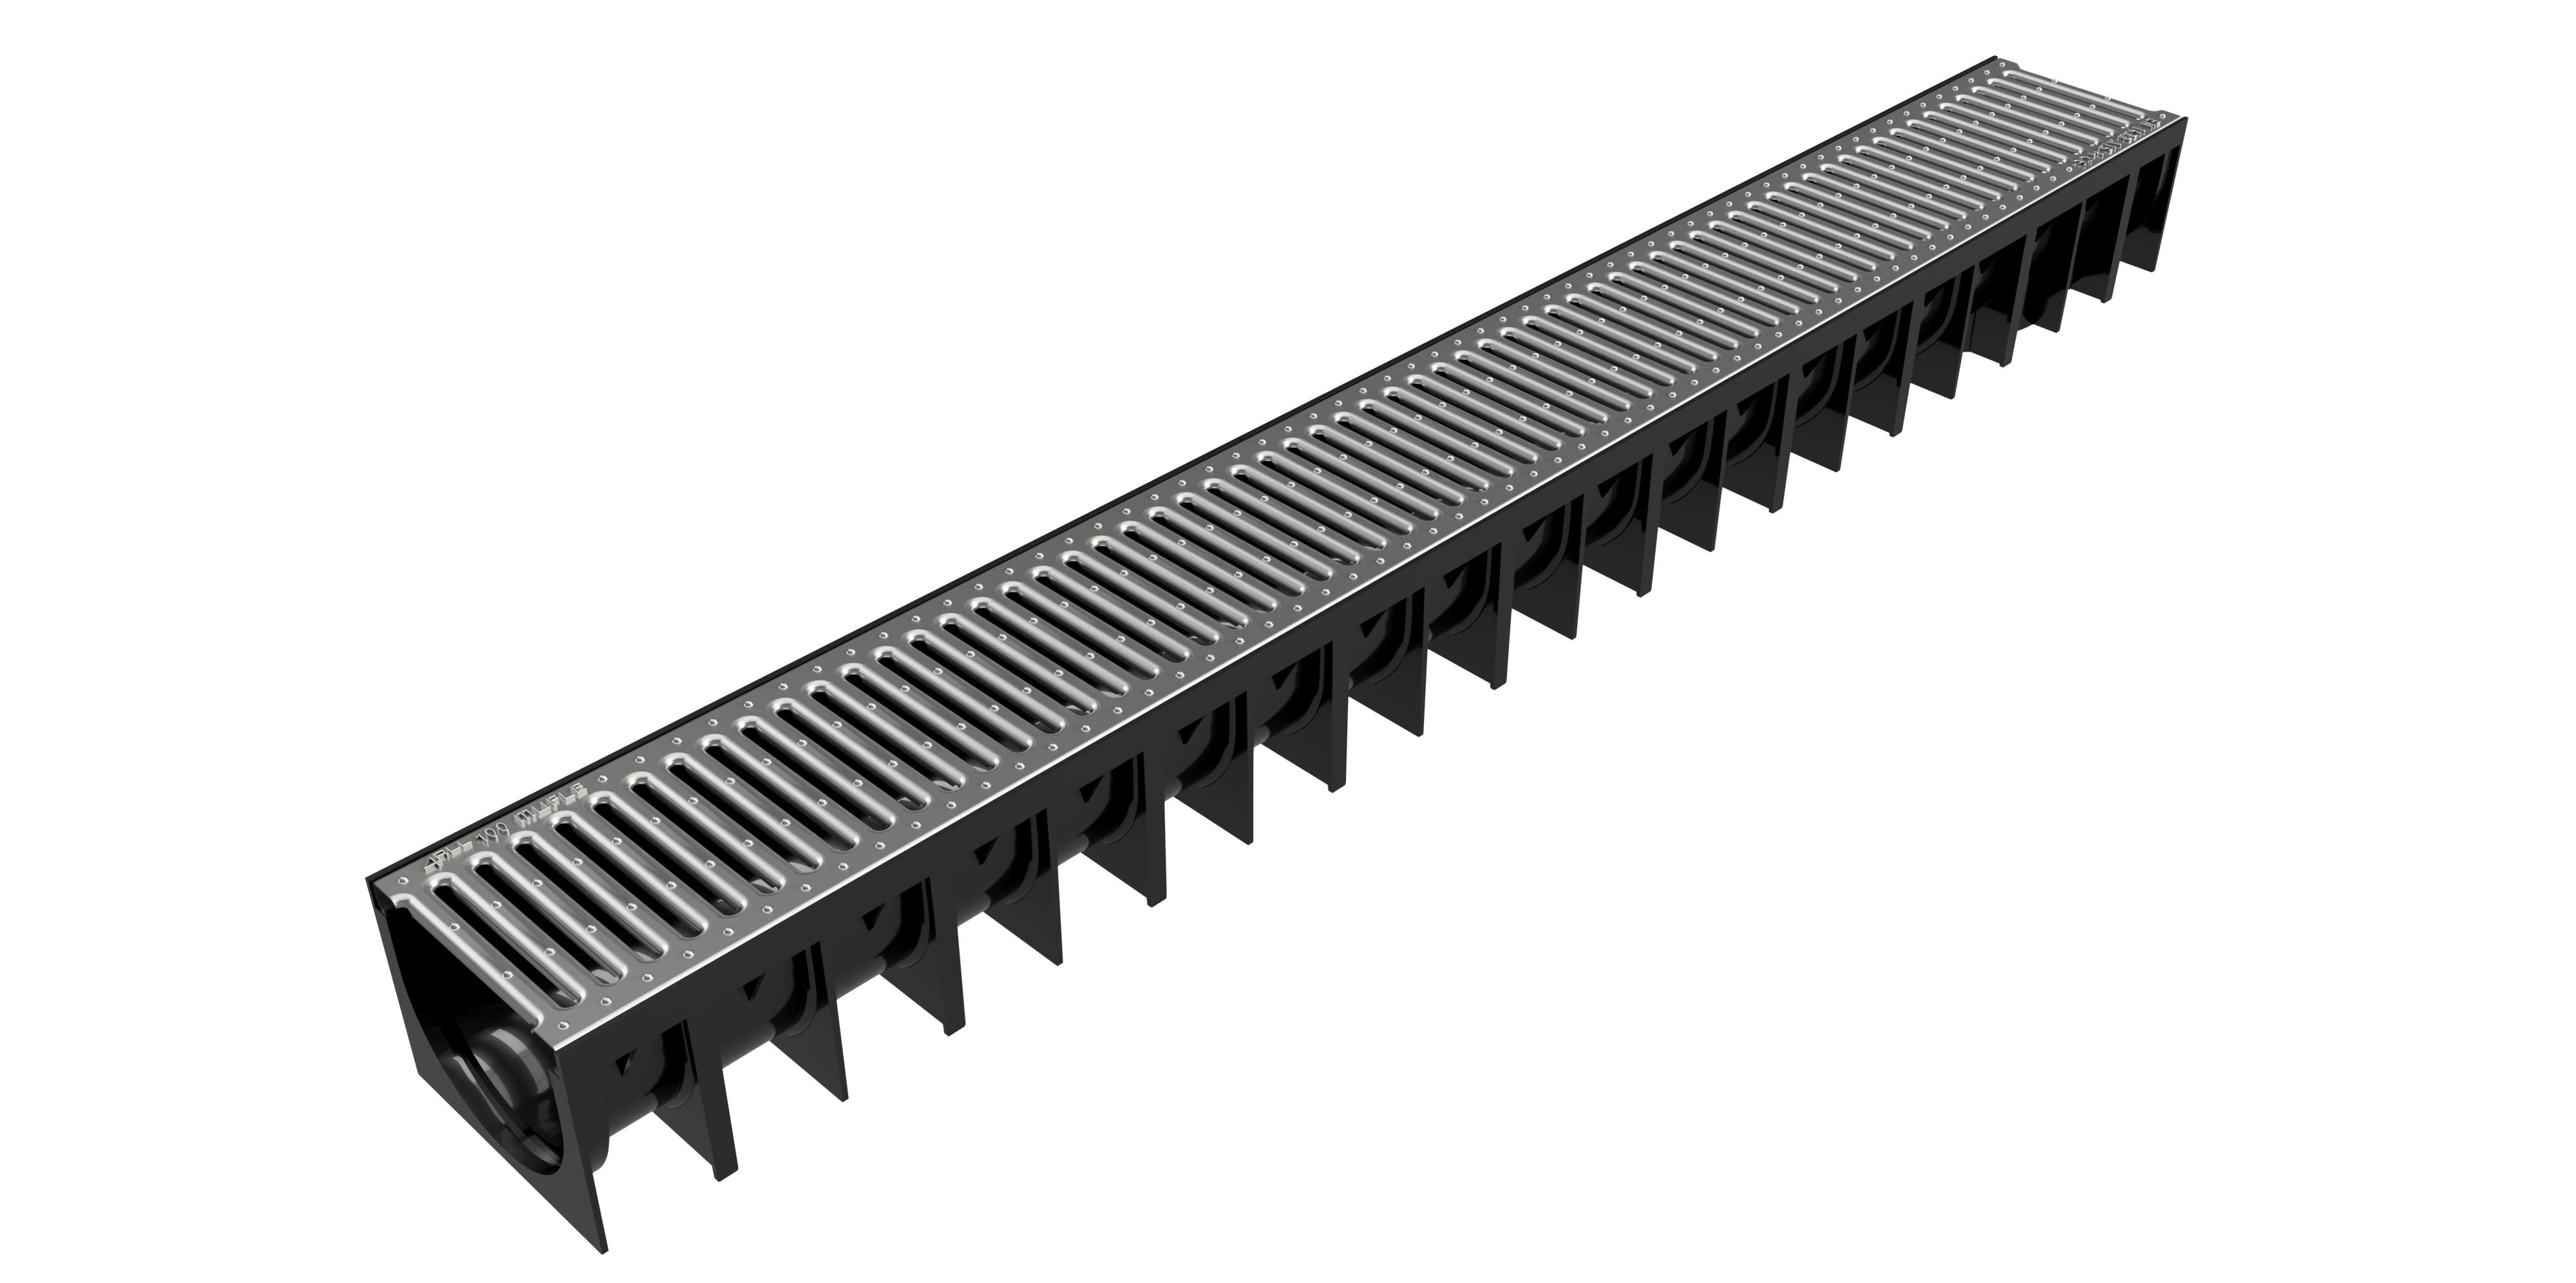 Render del canal MUFLE 4ALL H92 en polipropileno negro con reja pasarela Slim de acero galvanizado A15.